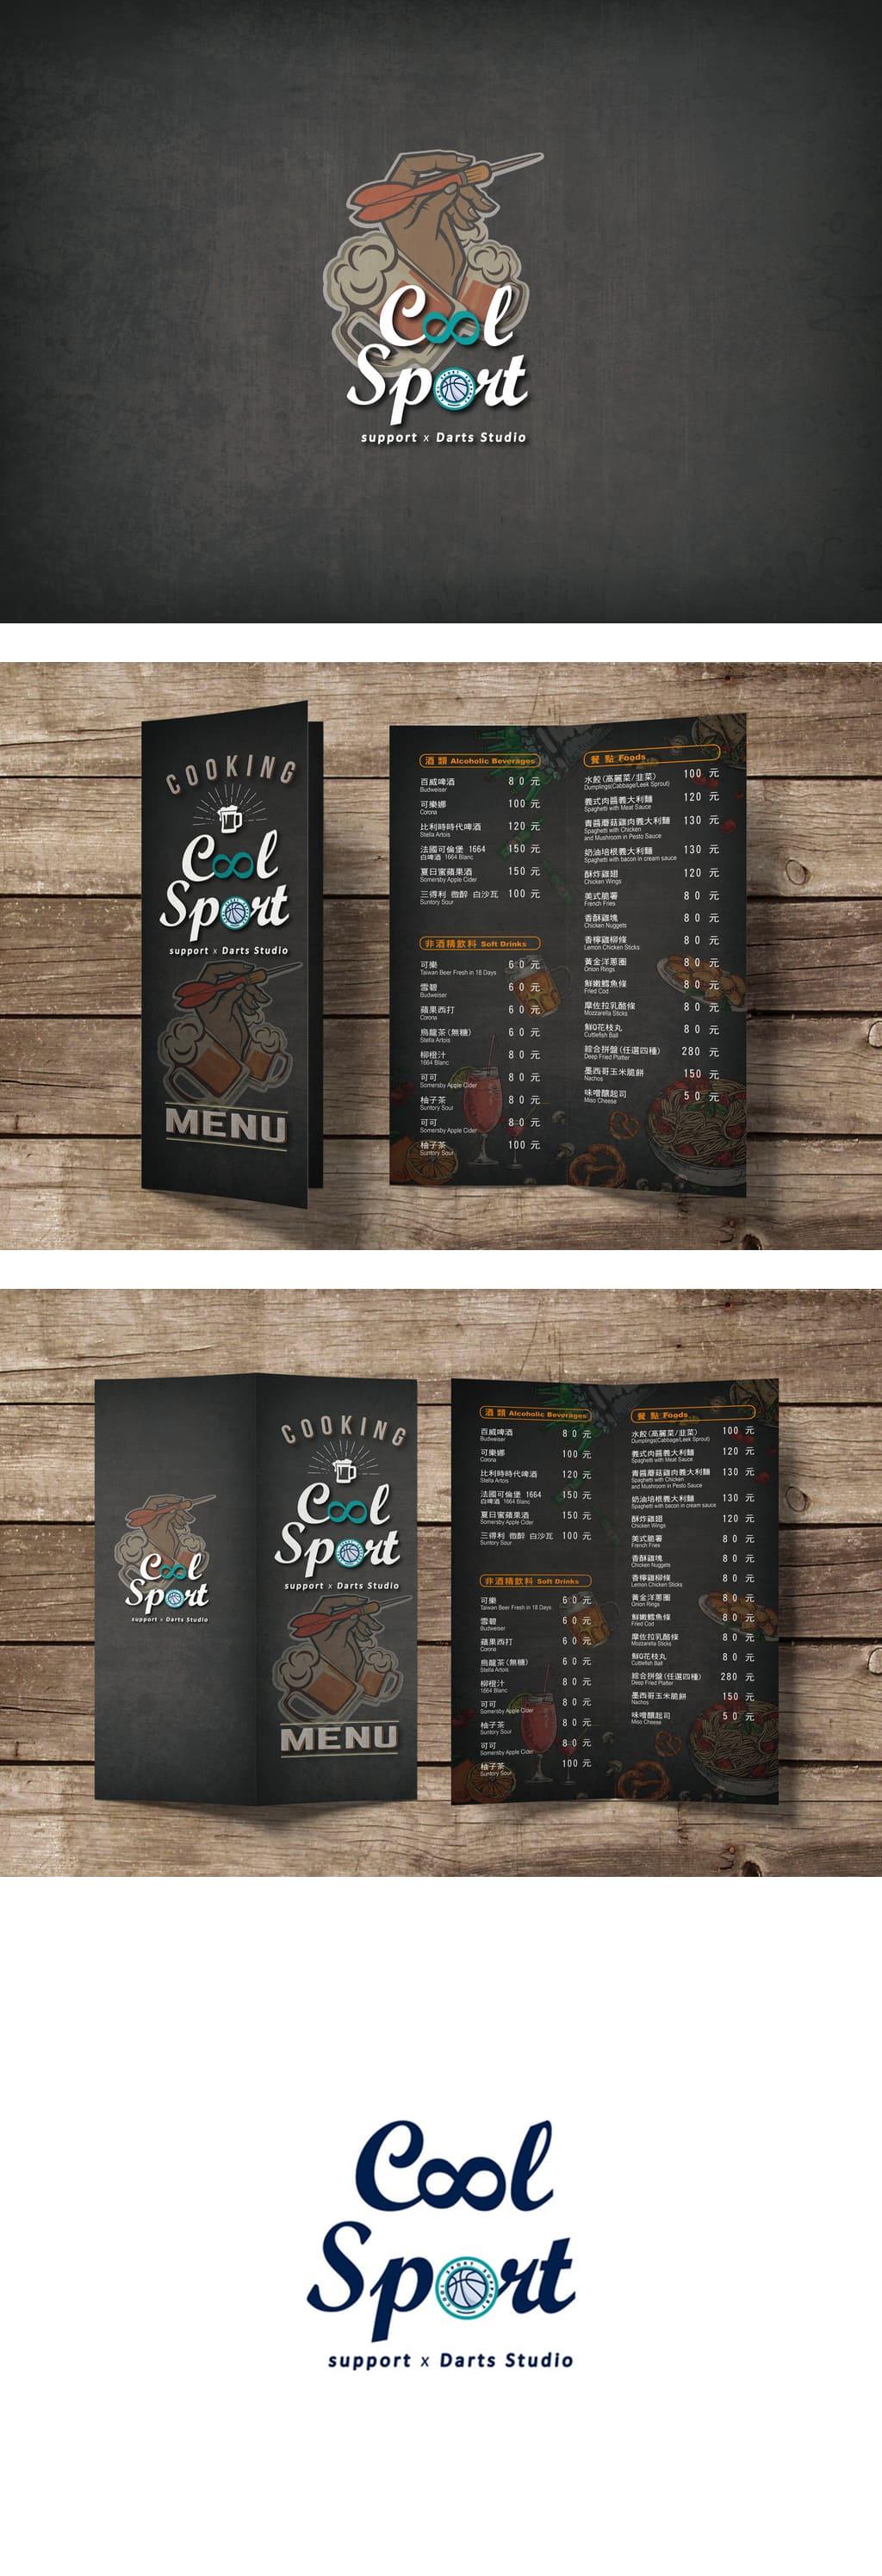 8Cool&Darts打鏢主題餐廳菜單設計